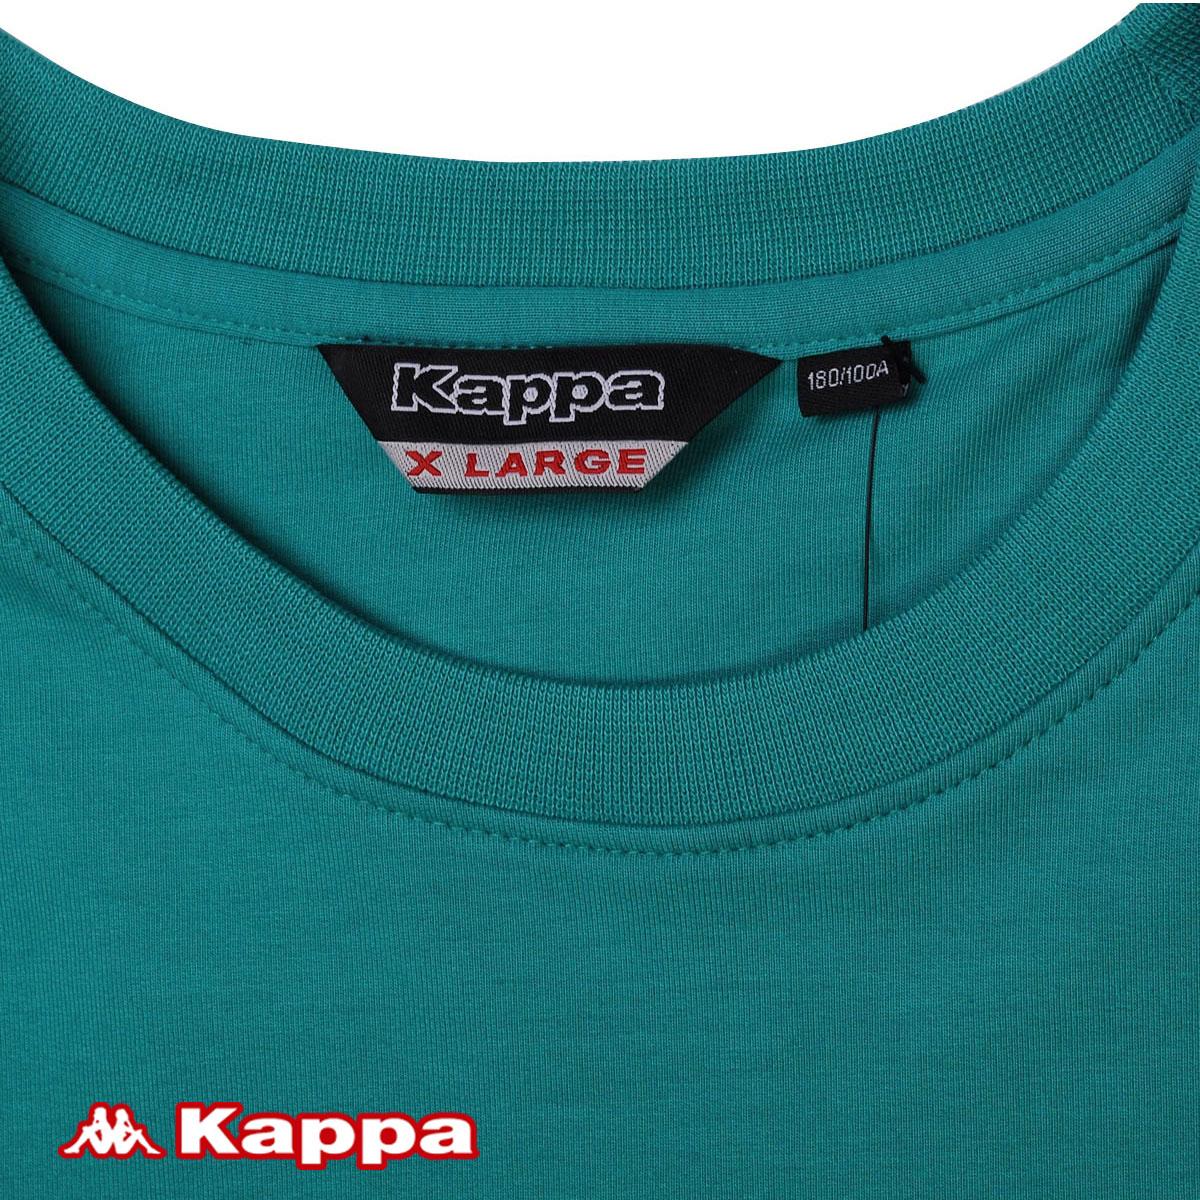 Спортивная толстовка Kappa k2104wt577/344 K2104WT577-344 Для мужчин Пуловер Нейлон Для спорта и отдыха Удерживающая тепло Осенью 2011 года